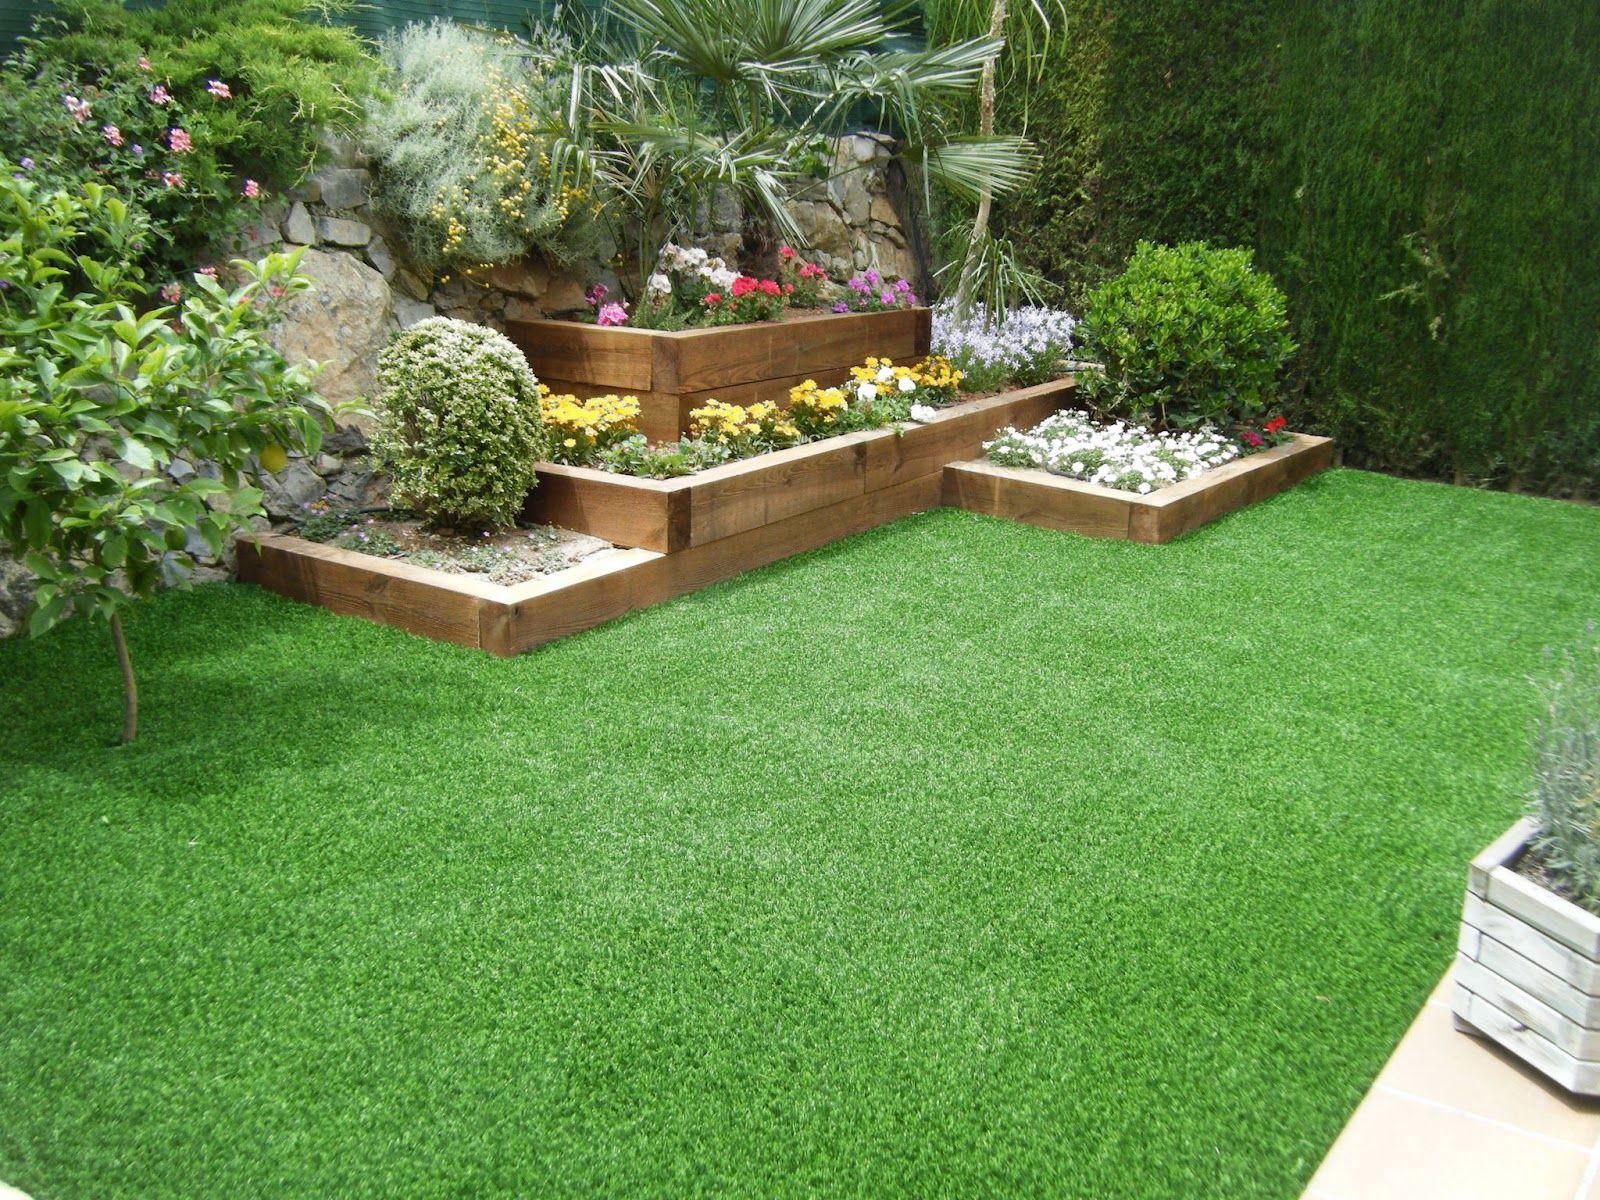 0d69bdc3ab5d24408289c73326d63ffb Meilleur De De Idee Deco Jardin Conception